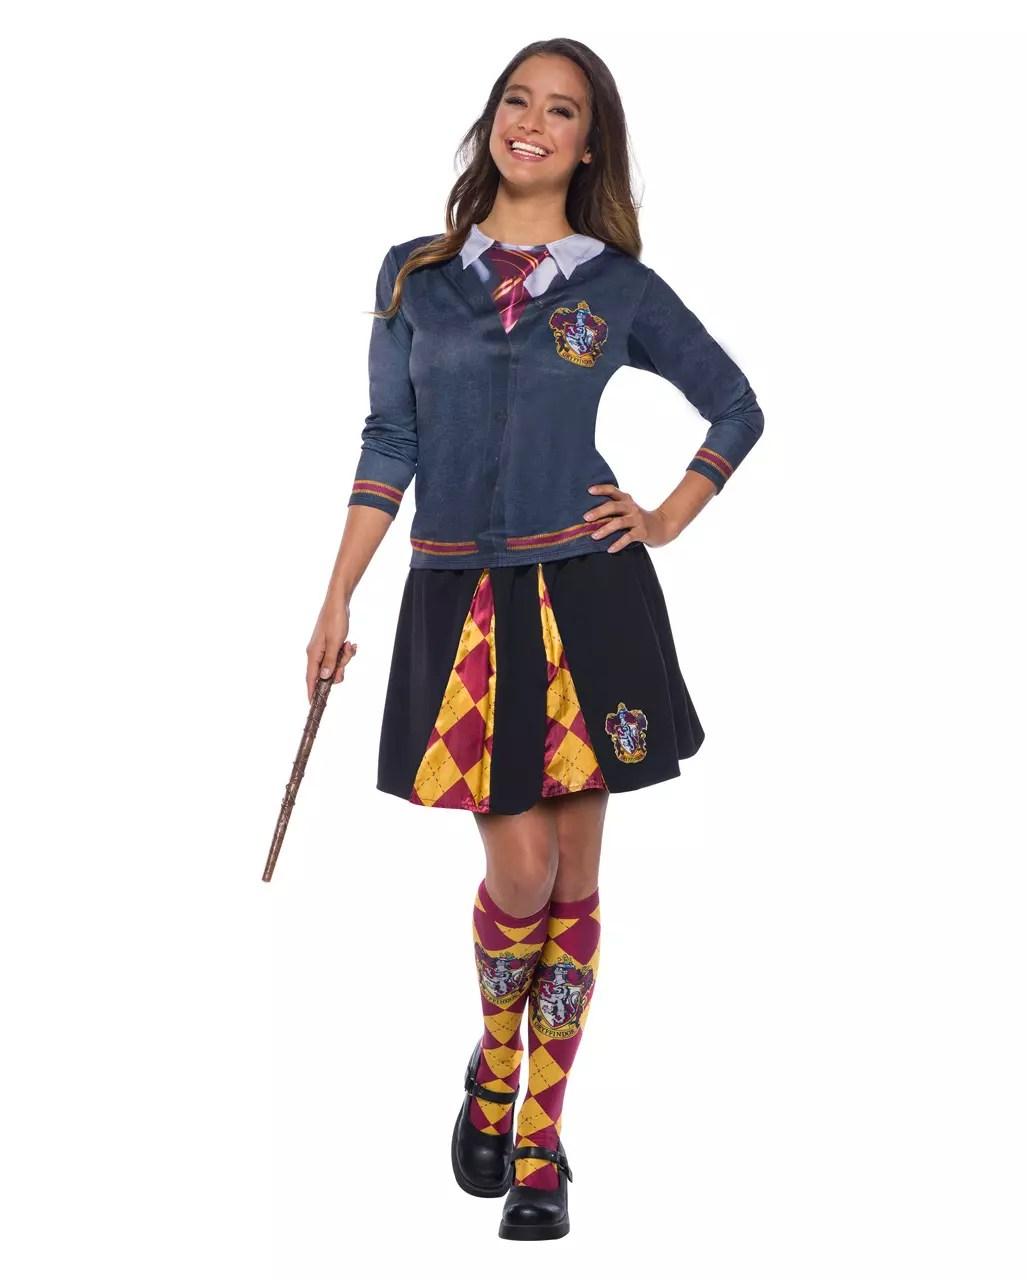 Fullsize Of Harry Potter Costume